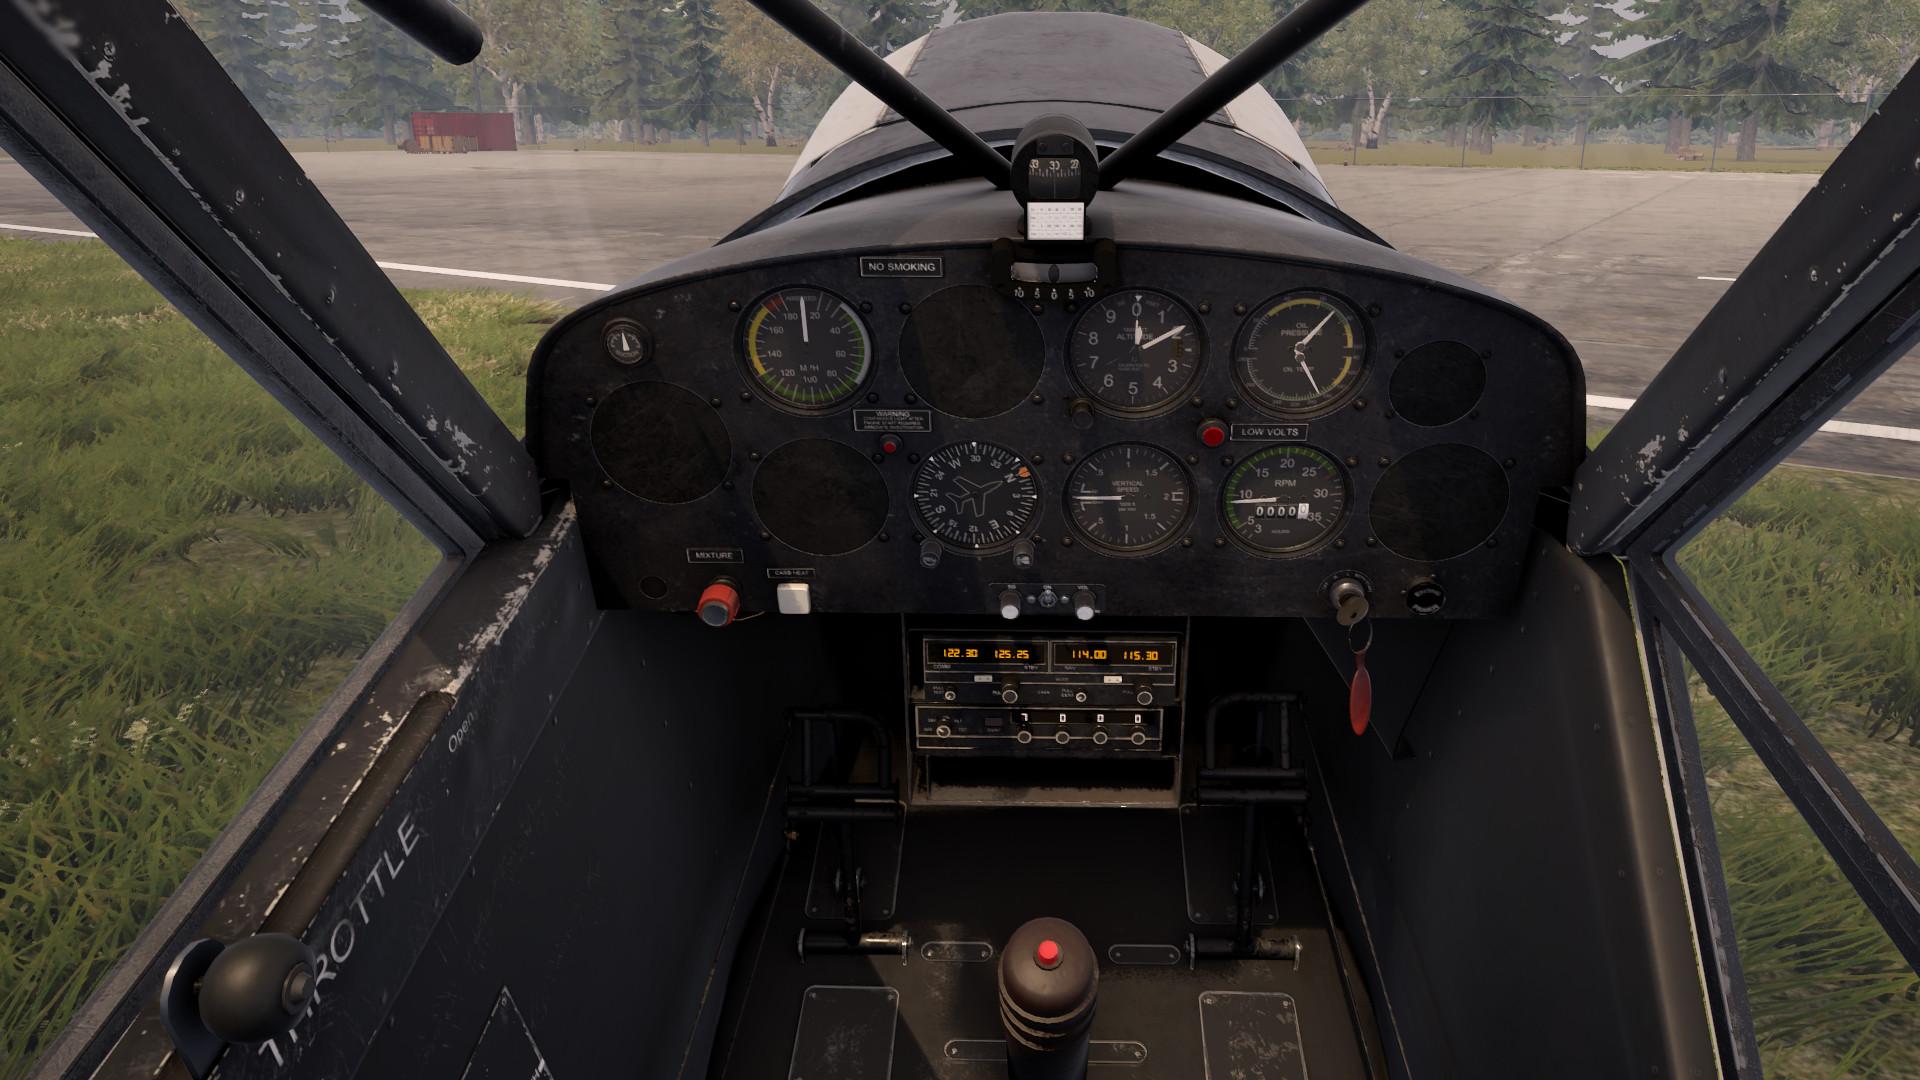 Deadstick-Bush-Flight-Simulator-1.jpg